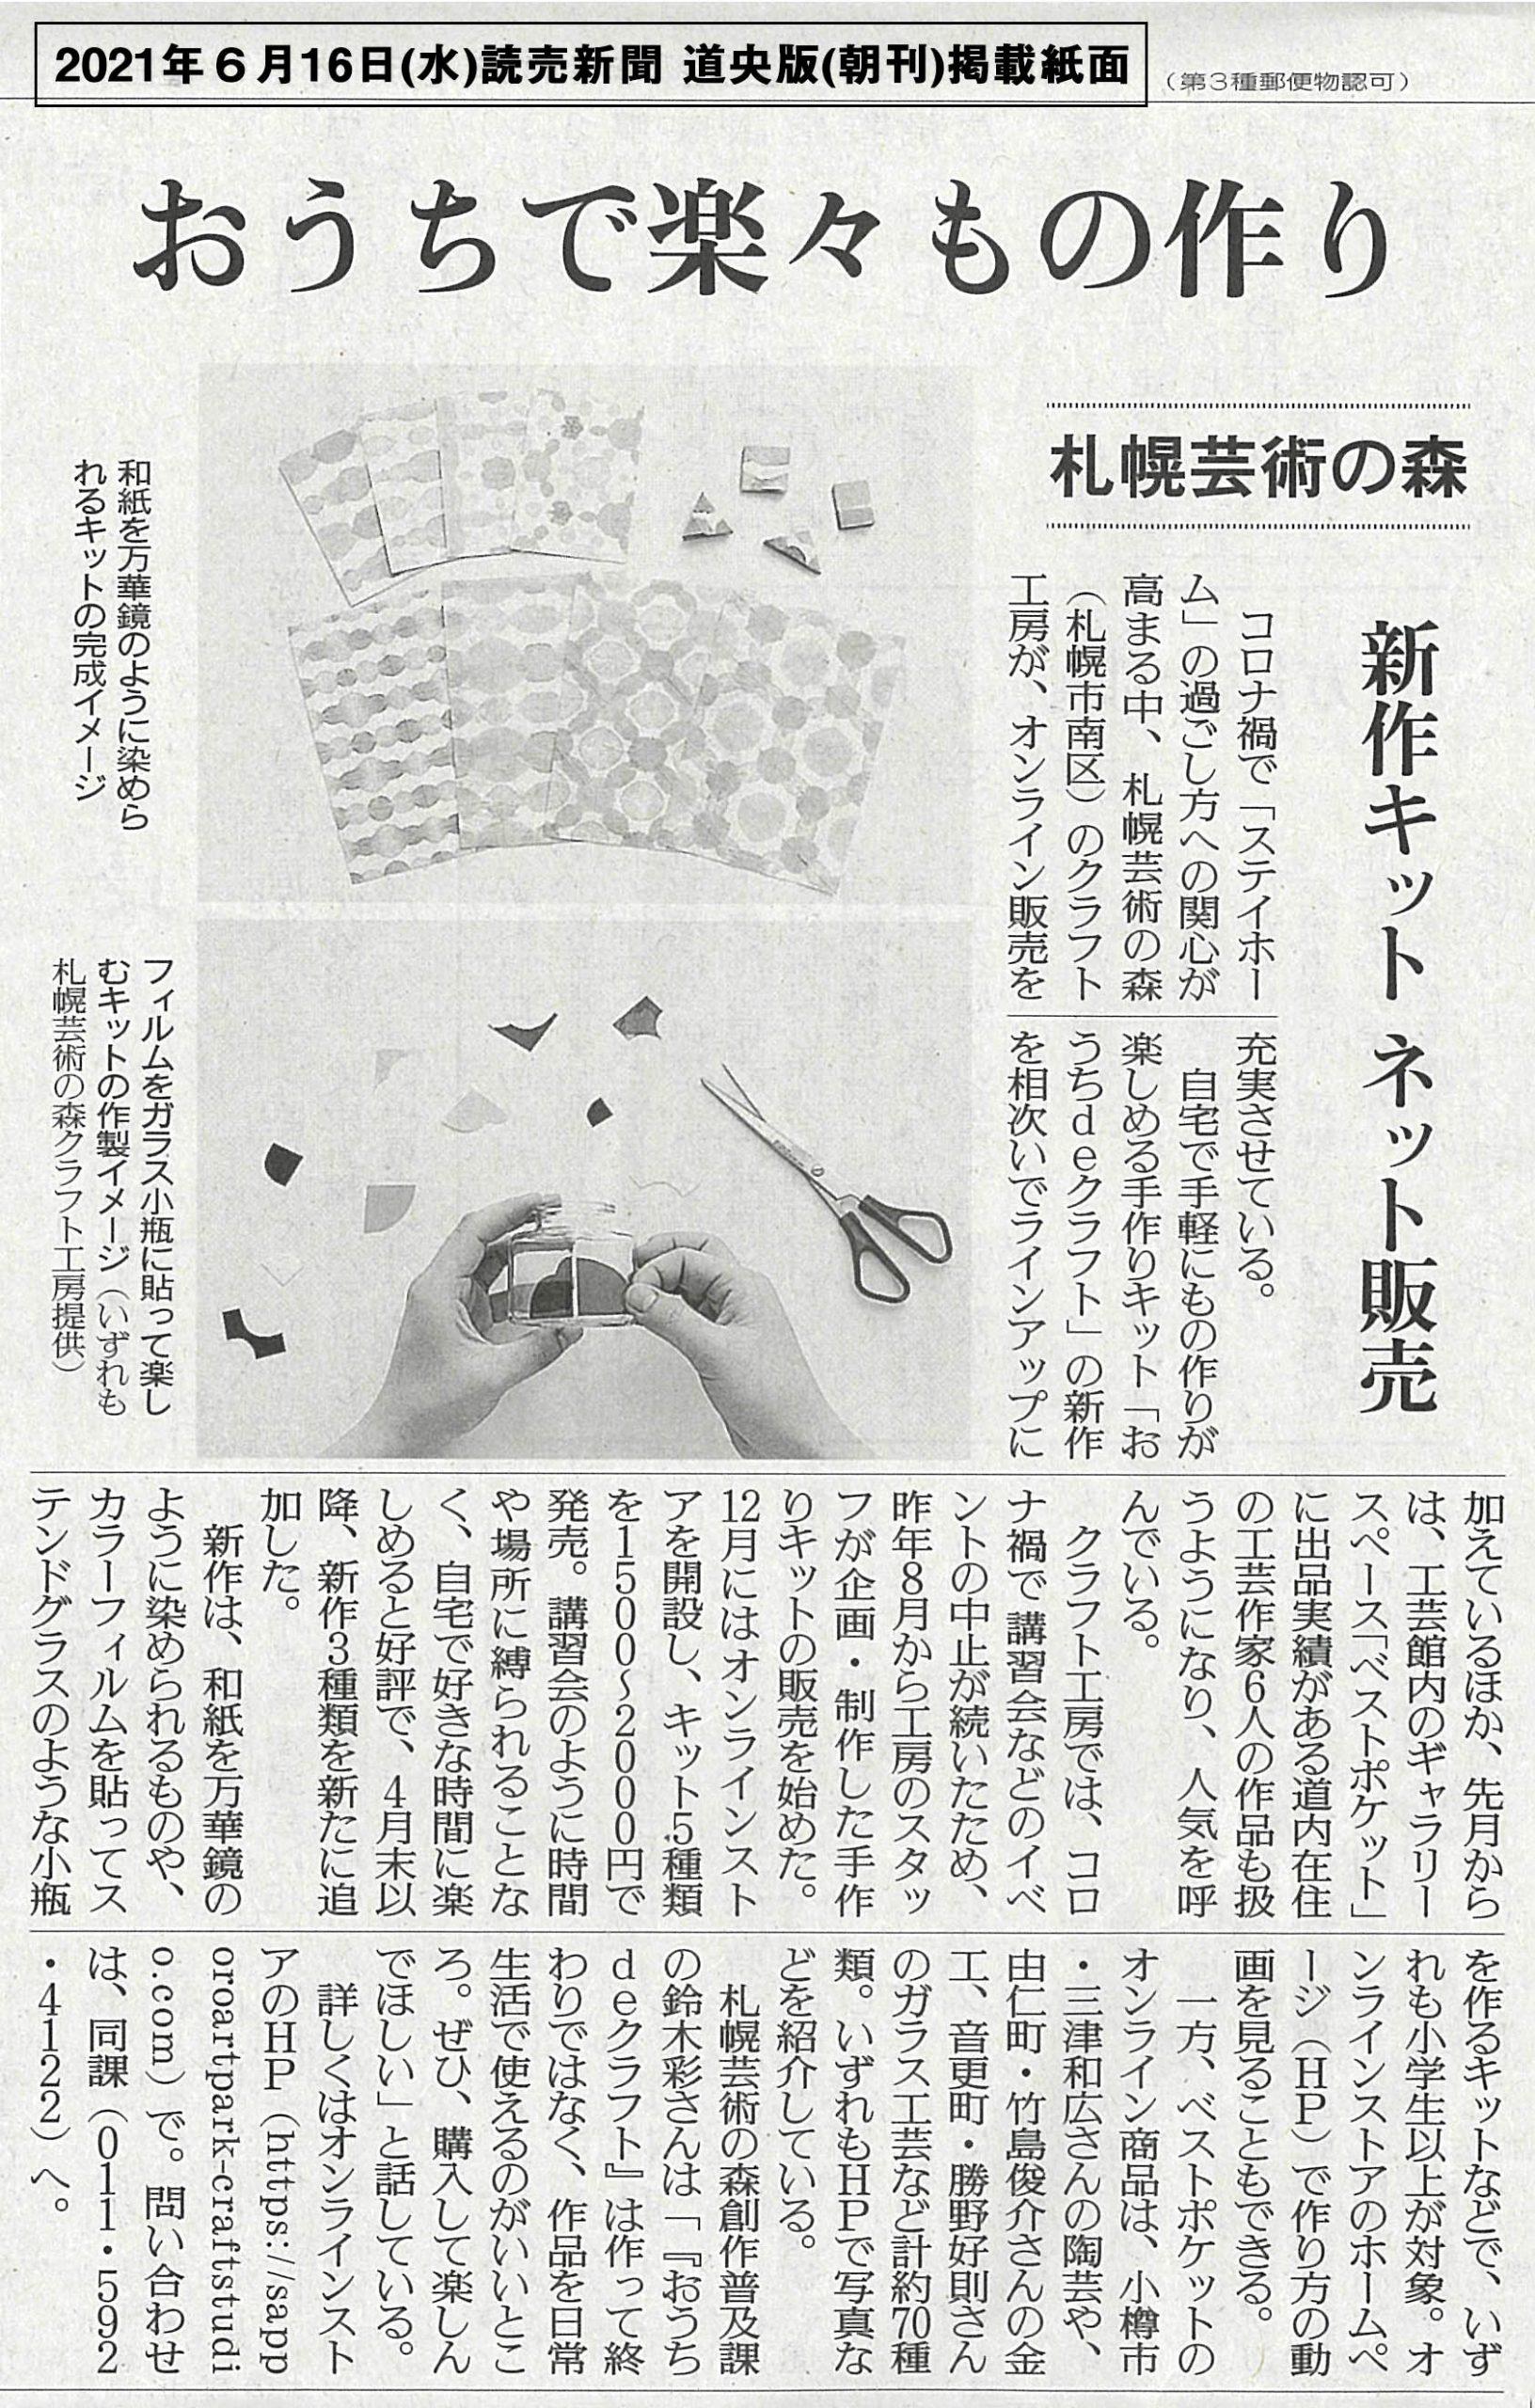 2021年6月16日読売新聞朝刊掲載紙面